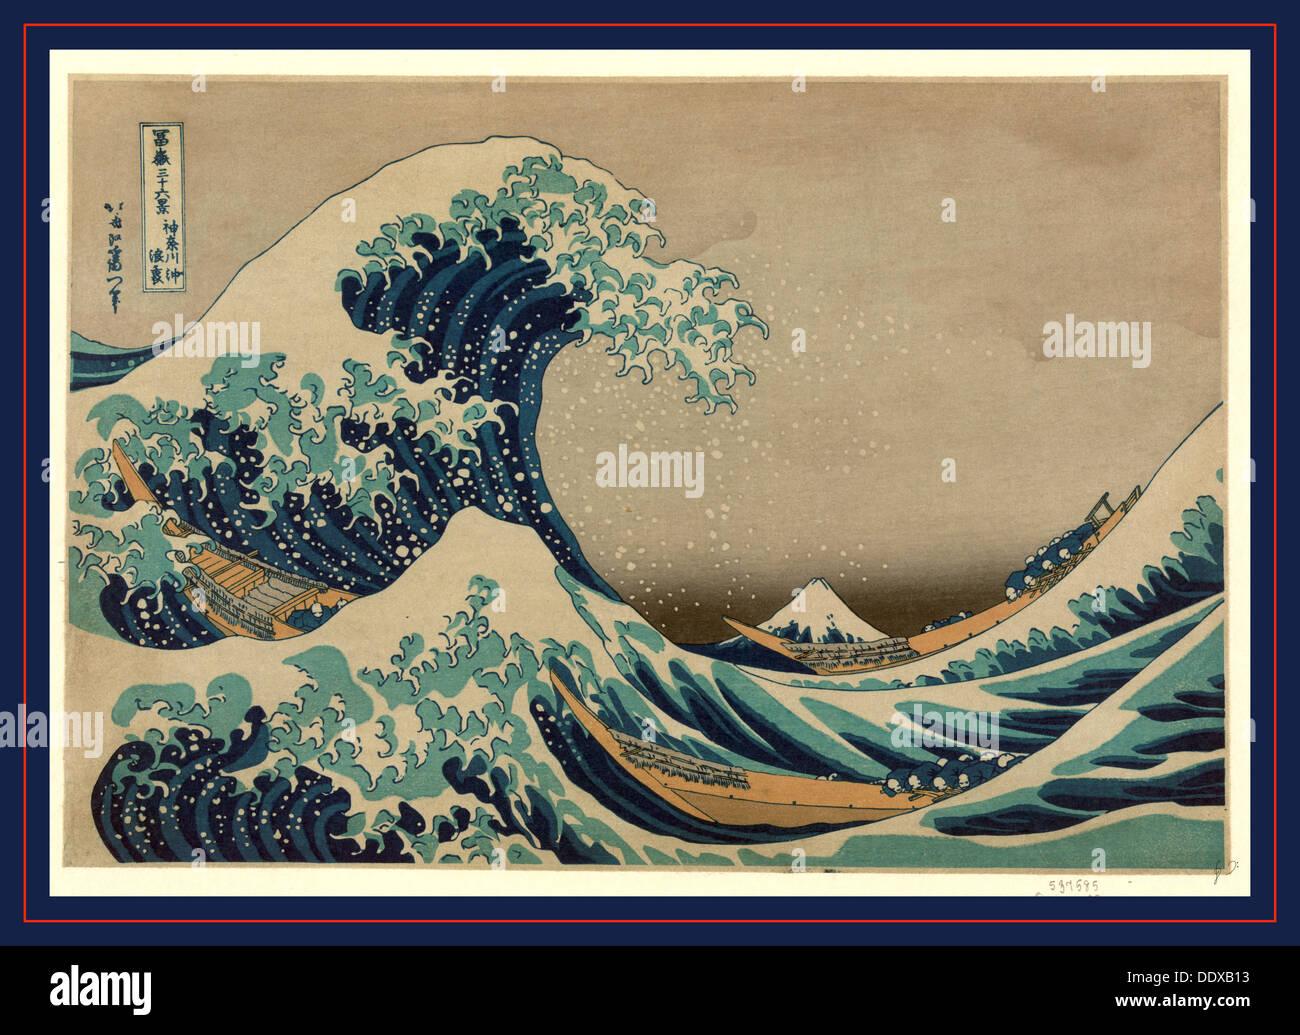 Kanagawa oki nami ura, la grande vague de Kanagawa off shore. [Entre 1826 et 1833, imprimé plus tard], 1 tirage: Photo Stock